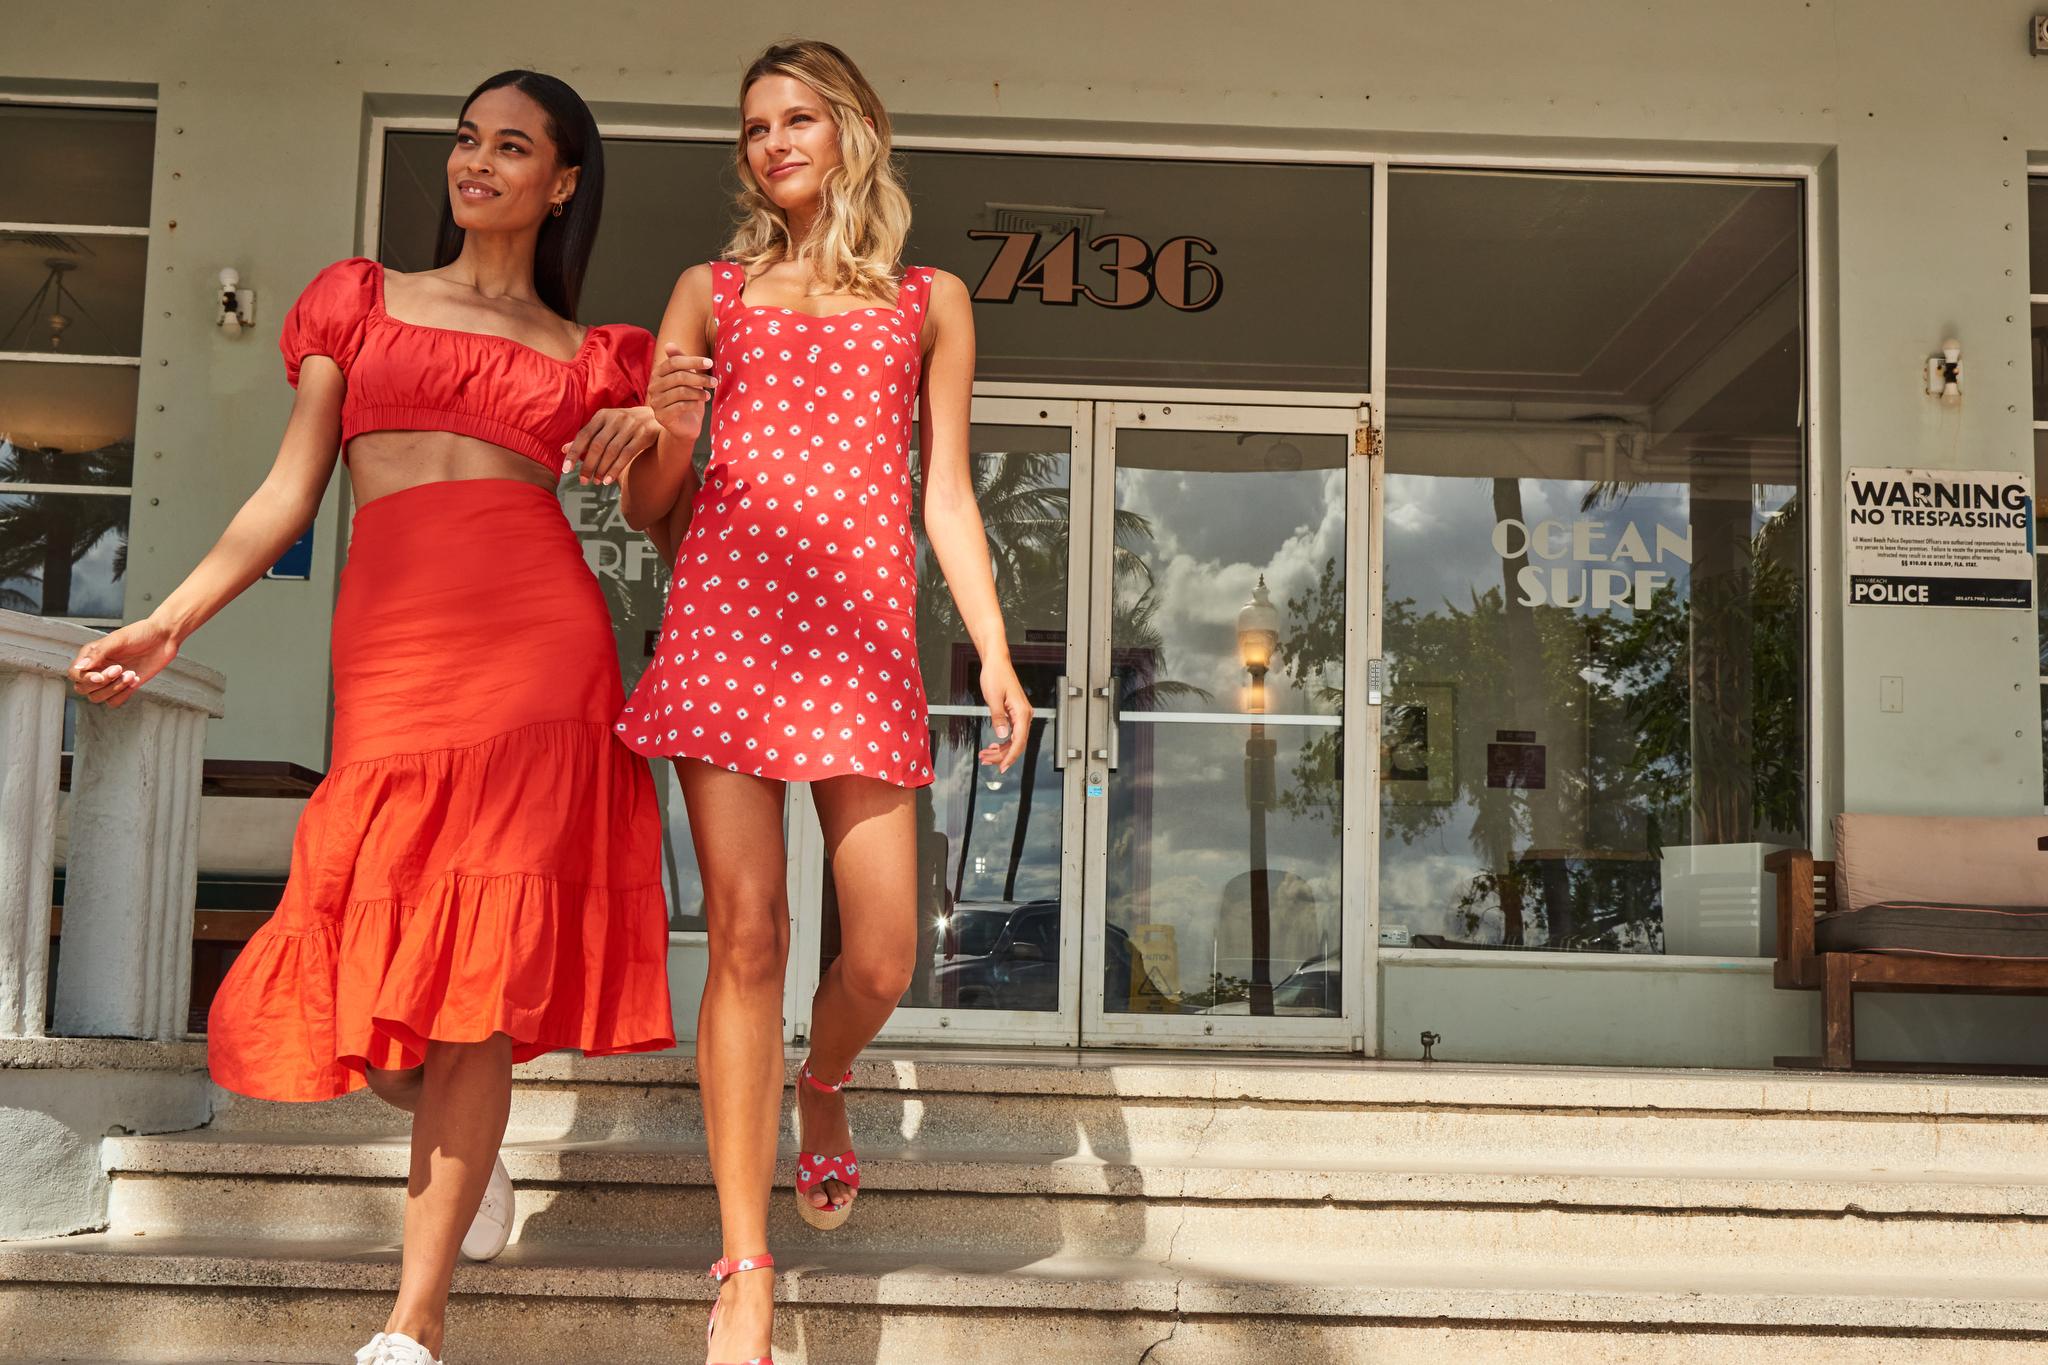 پس از ماه ها فروش پیراهن های عرق و شلوار ورزشی ، خریداران به دنبال لباس های کمد لباس هستند. عکس از نیکول میلر